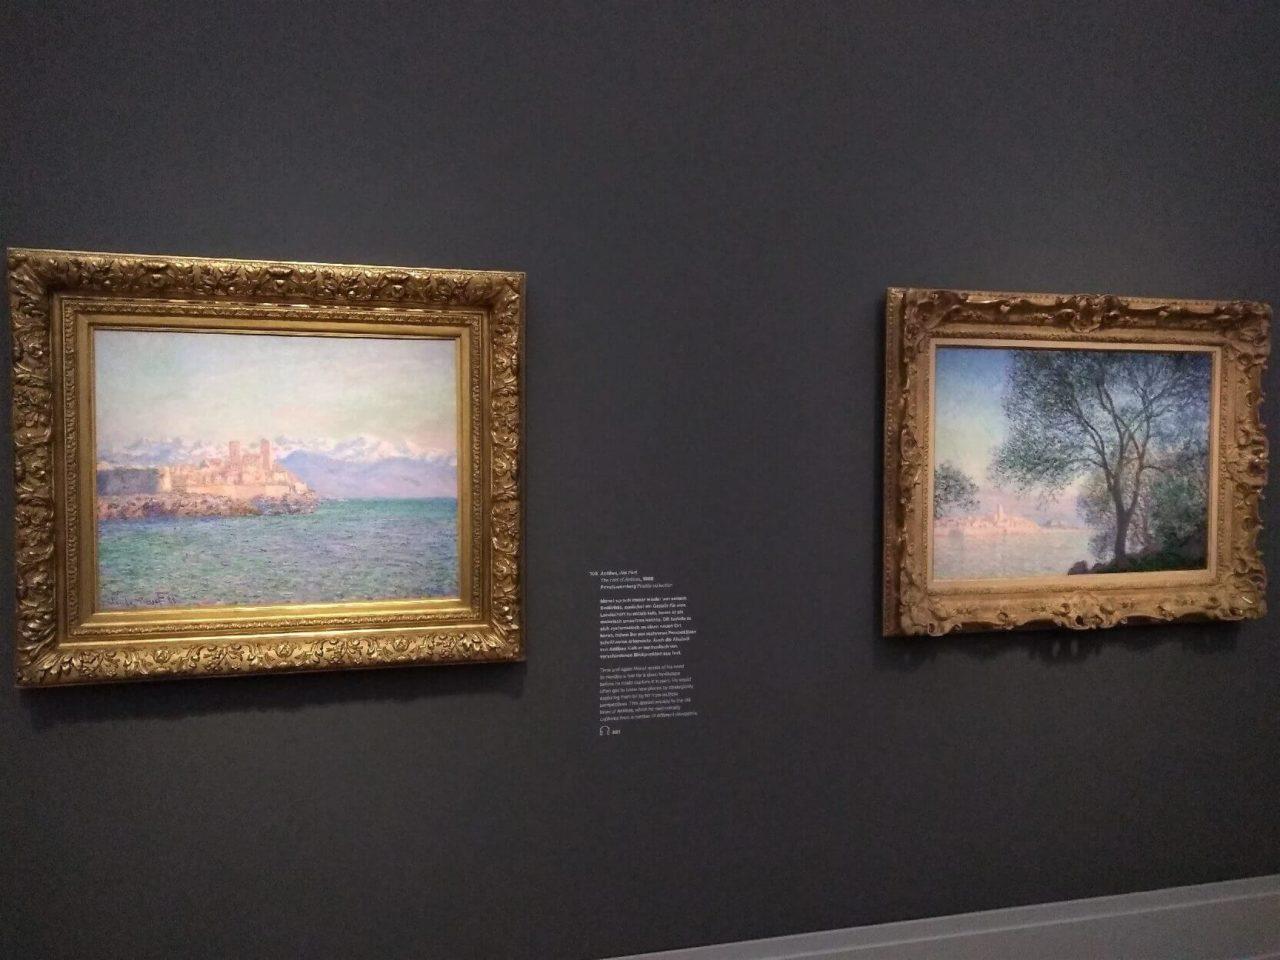 Italien-Gemälde von Claude Monet